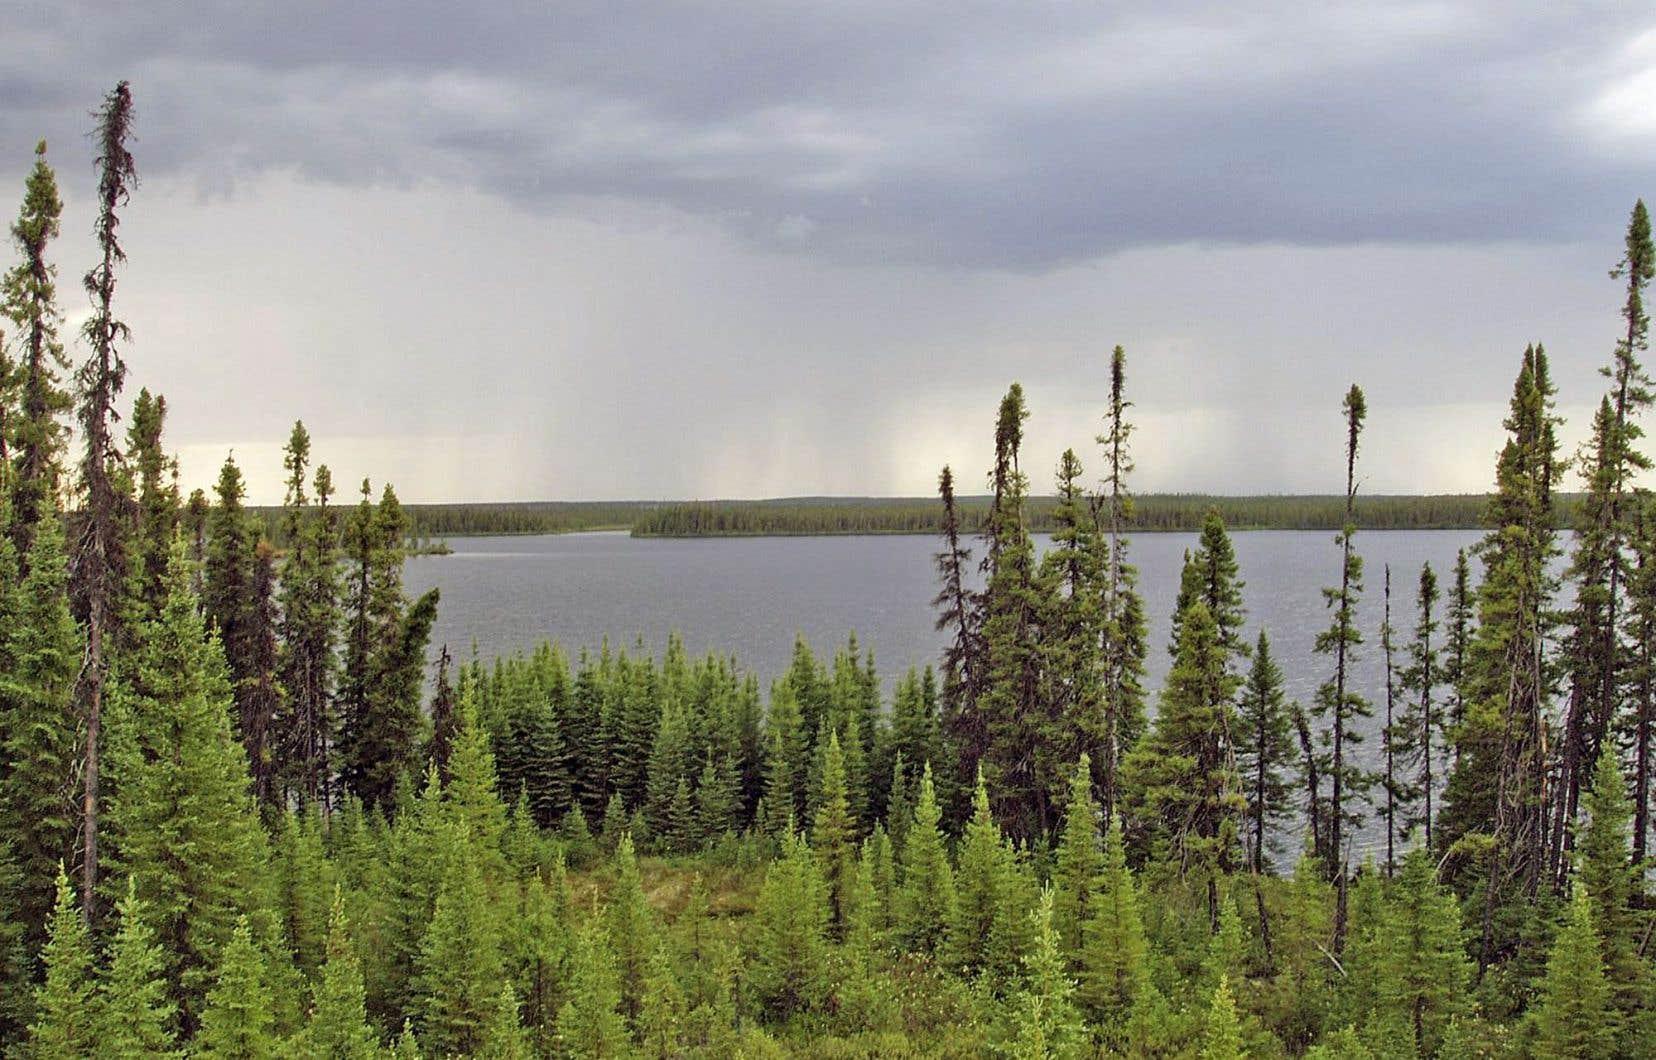 Le Canada possède en effet un tiers des 16 millions de kilomètres carrés des forêts du Nord, abritant 20 000 espèces végétales et animales et filtrant 80% de l'eau douce courante au monde.